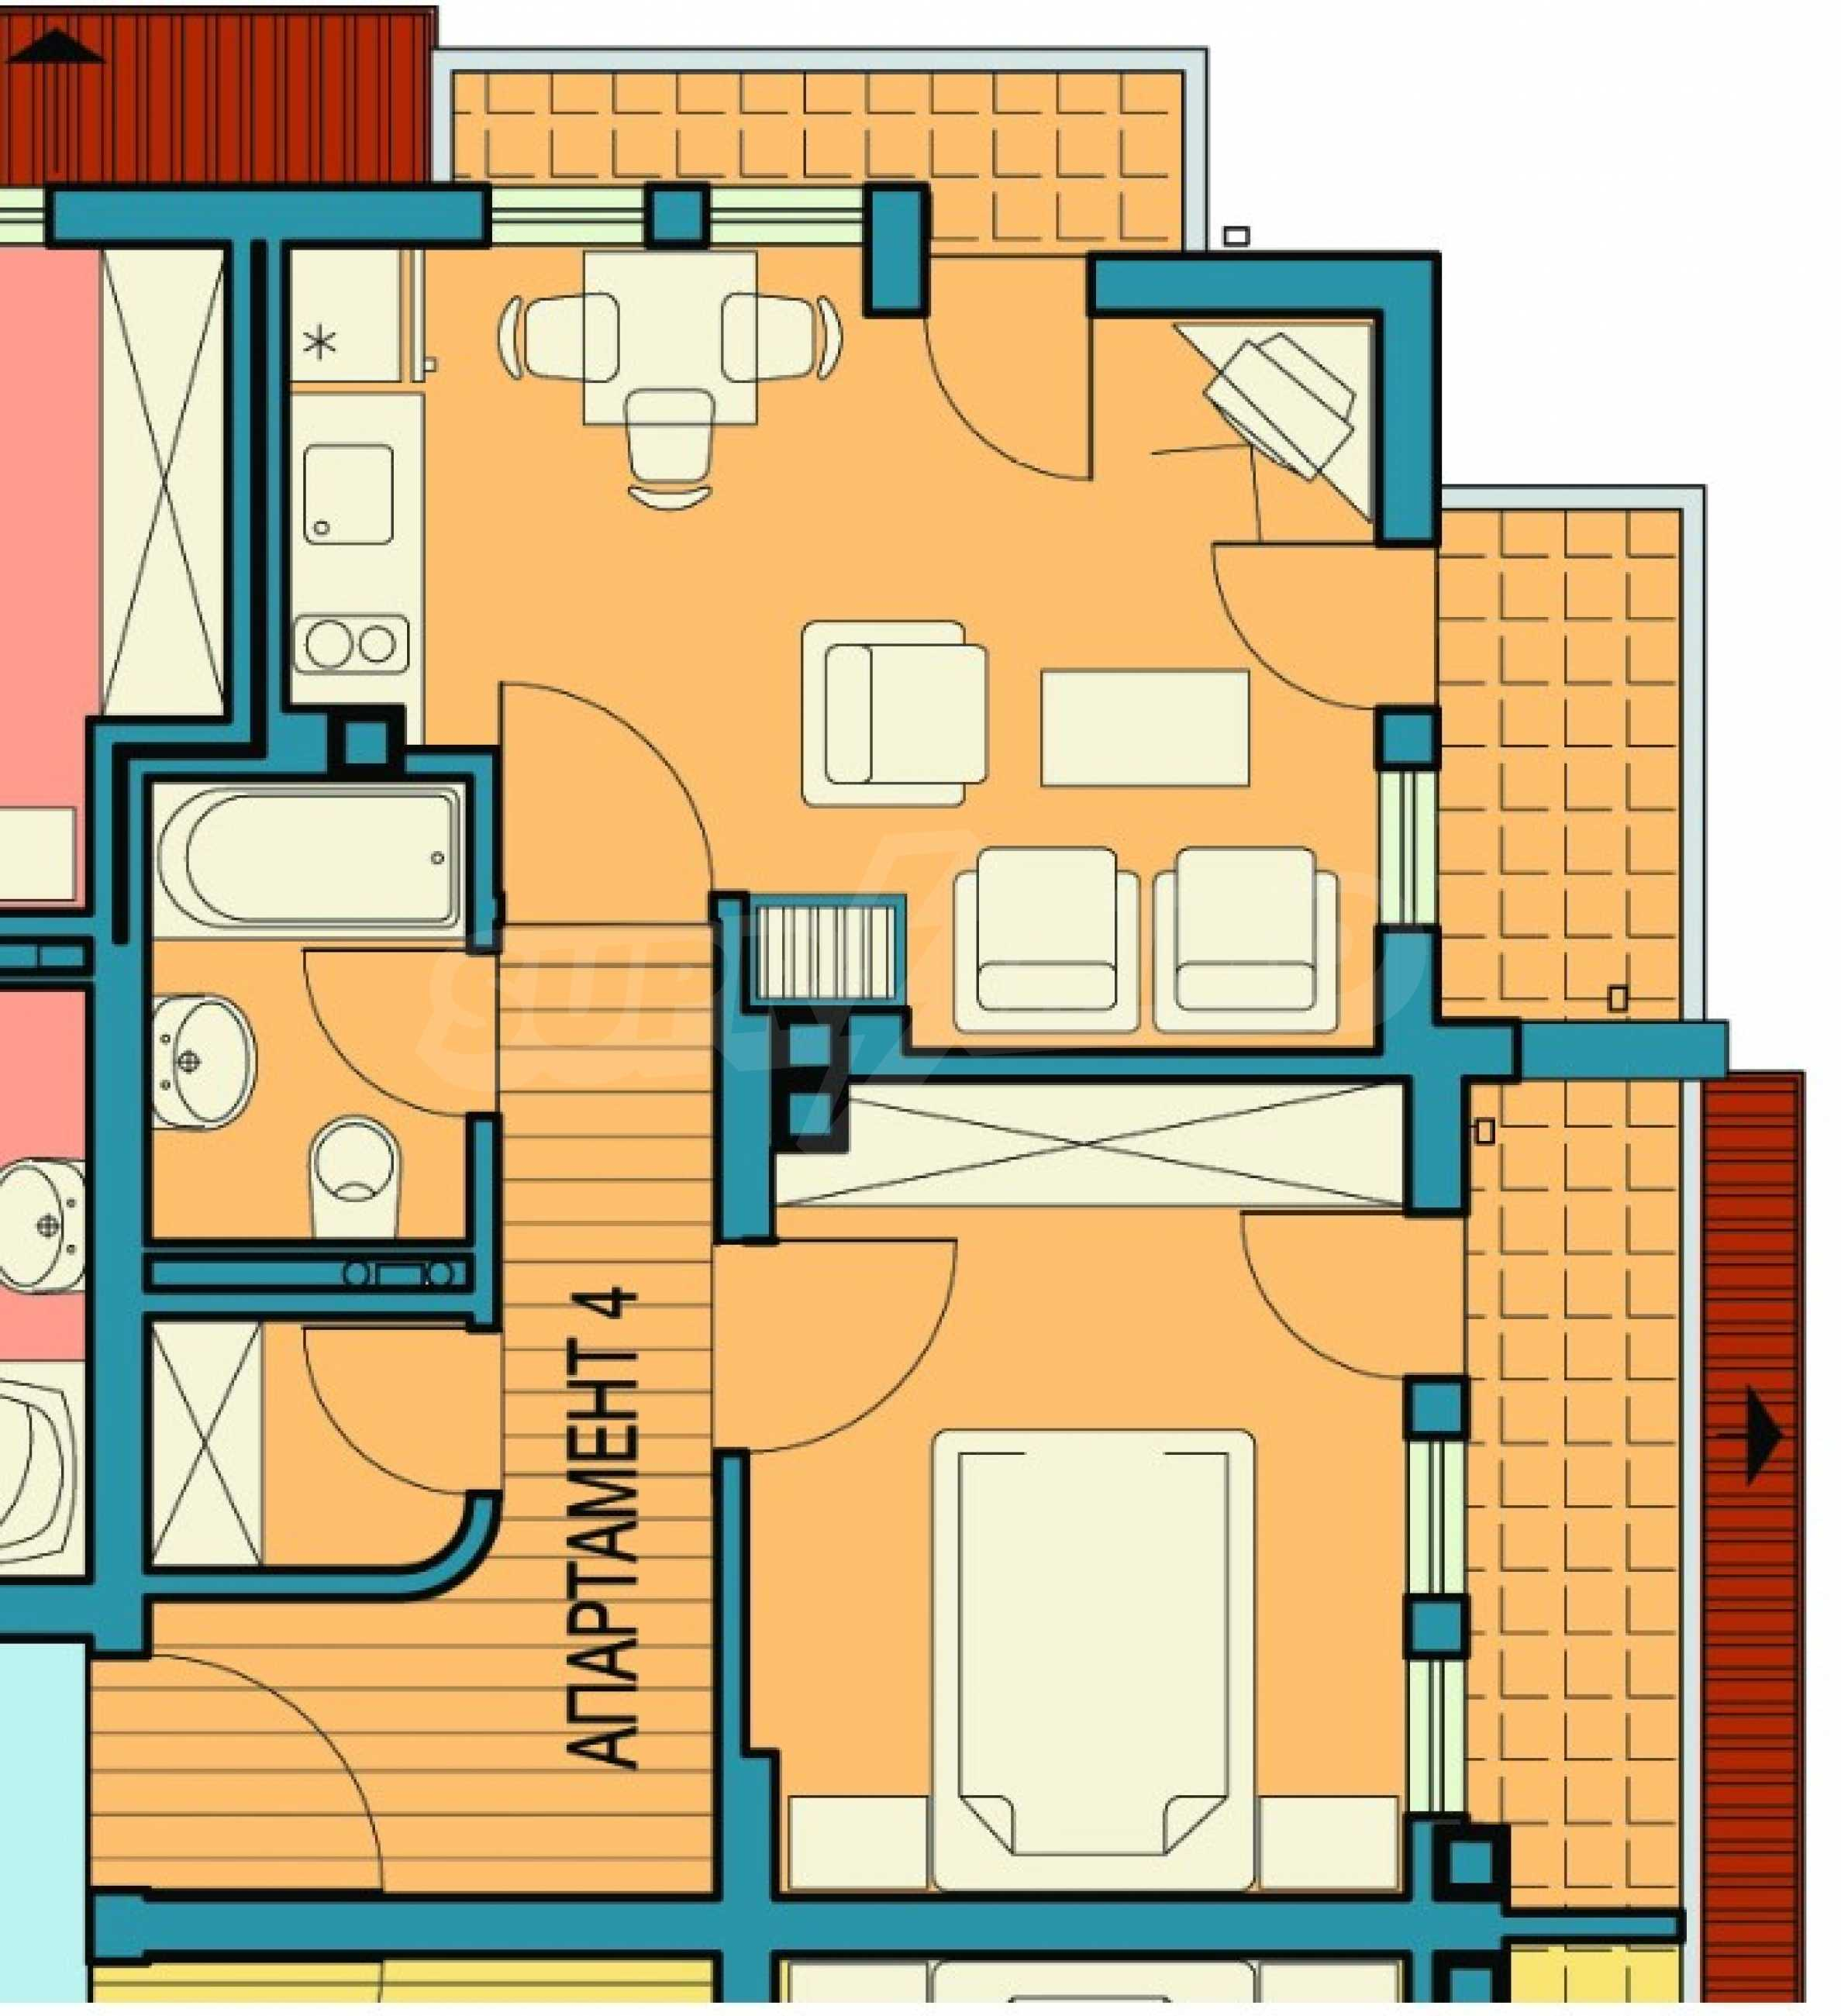 Двустаен апартамент с тераси в нова сграда до парка в центъра на Банско 1